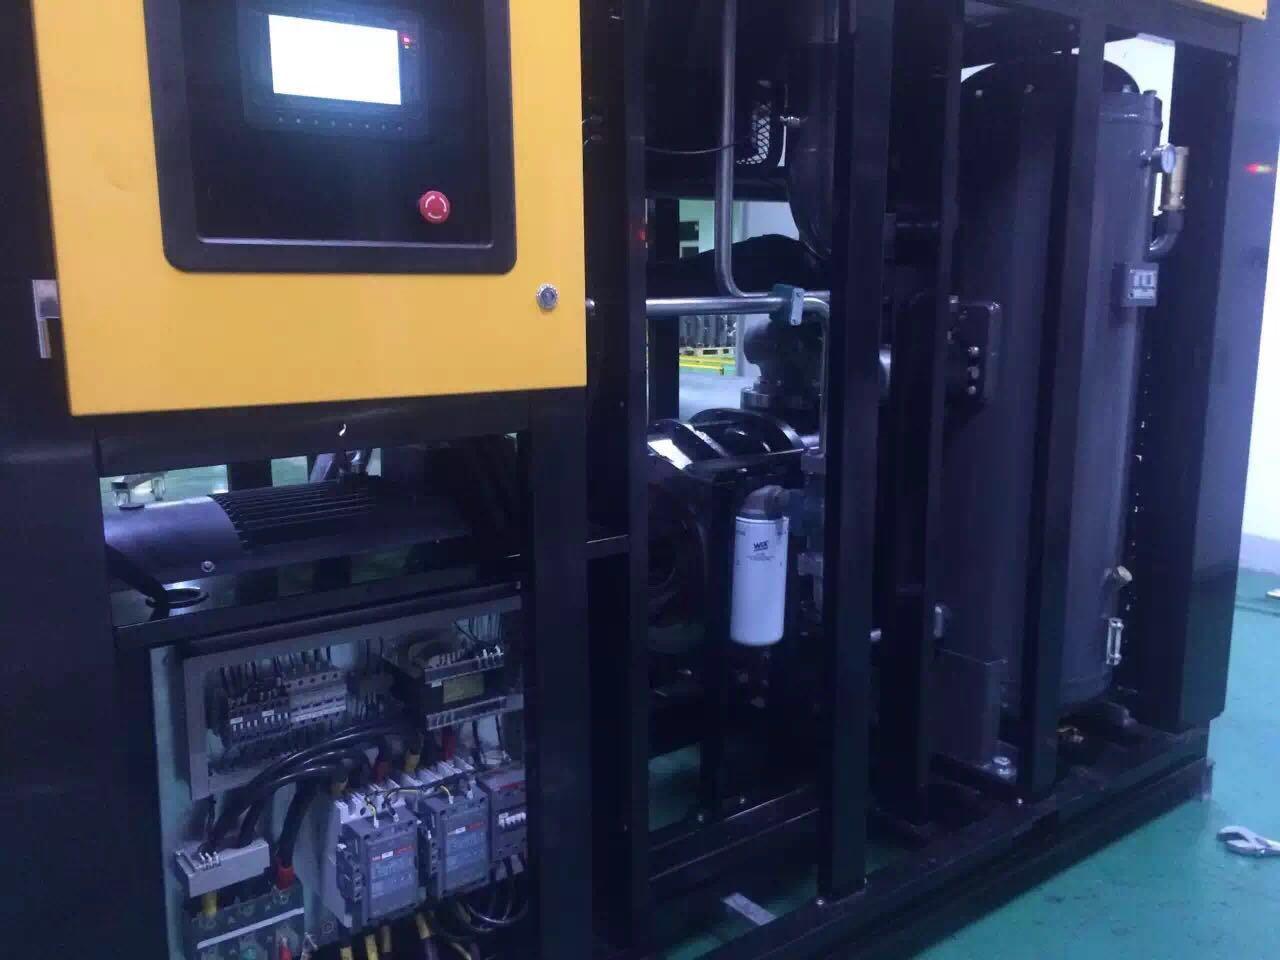 空压机高清大图,本图片由青岛宝铭新能源装备科技有限公司提供.